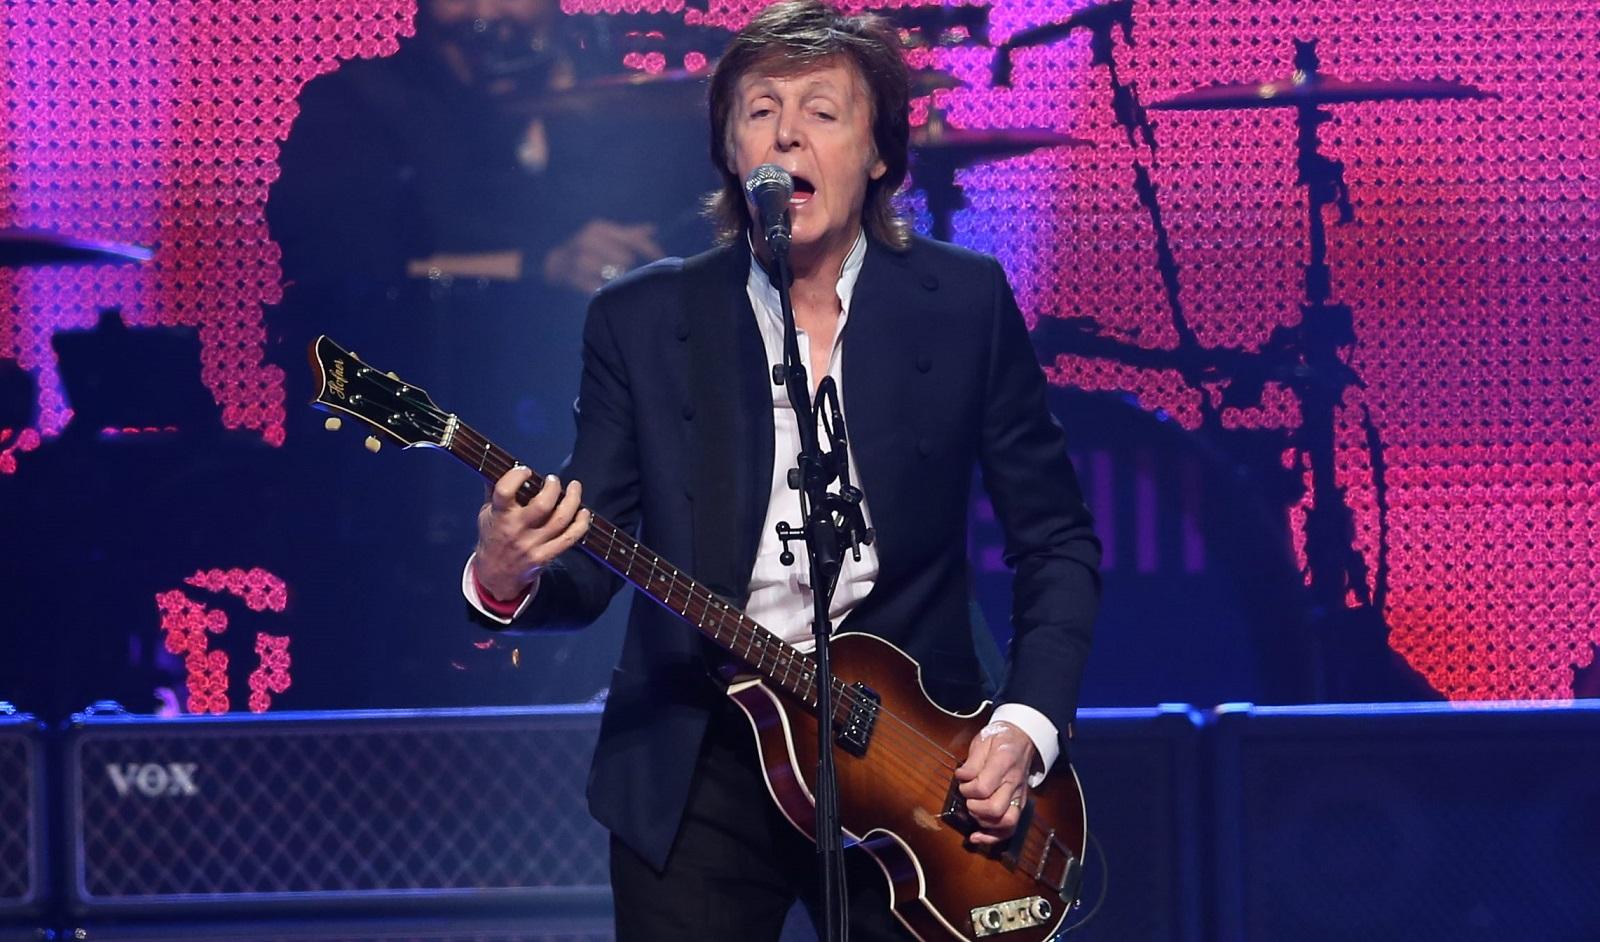 Paul McCartney during his October show at First Niagara Center. (Sharon Cantillon/Buffalo News)